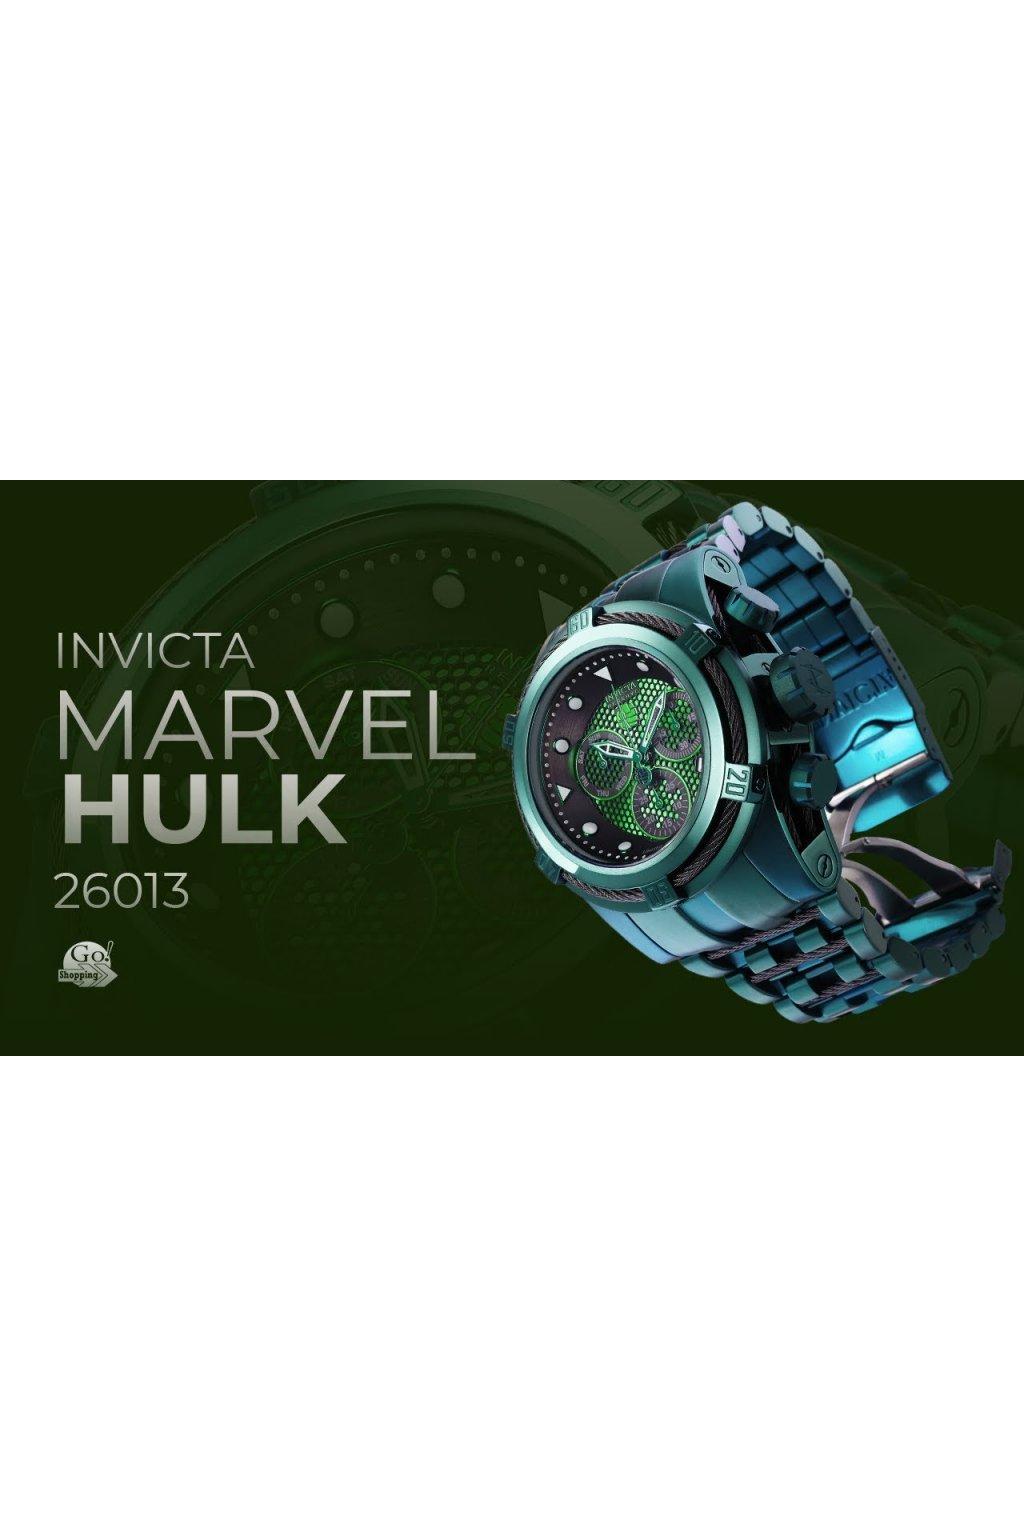 8dbab3edf Pánské hodinky Invicta MARVEL Hulk 26013 + Kufr Invicta v hodnotě 1000 Kč  ZDARMA - Hodinky INVICTA